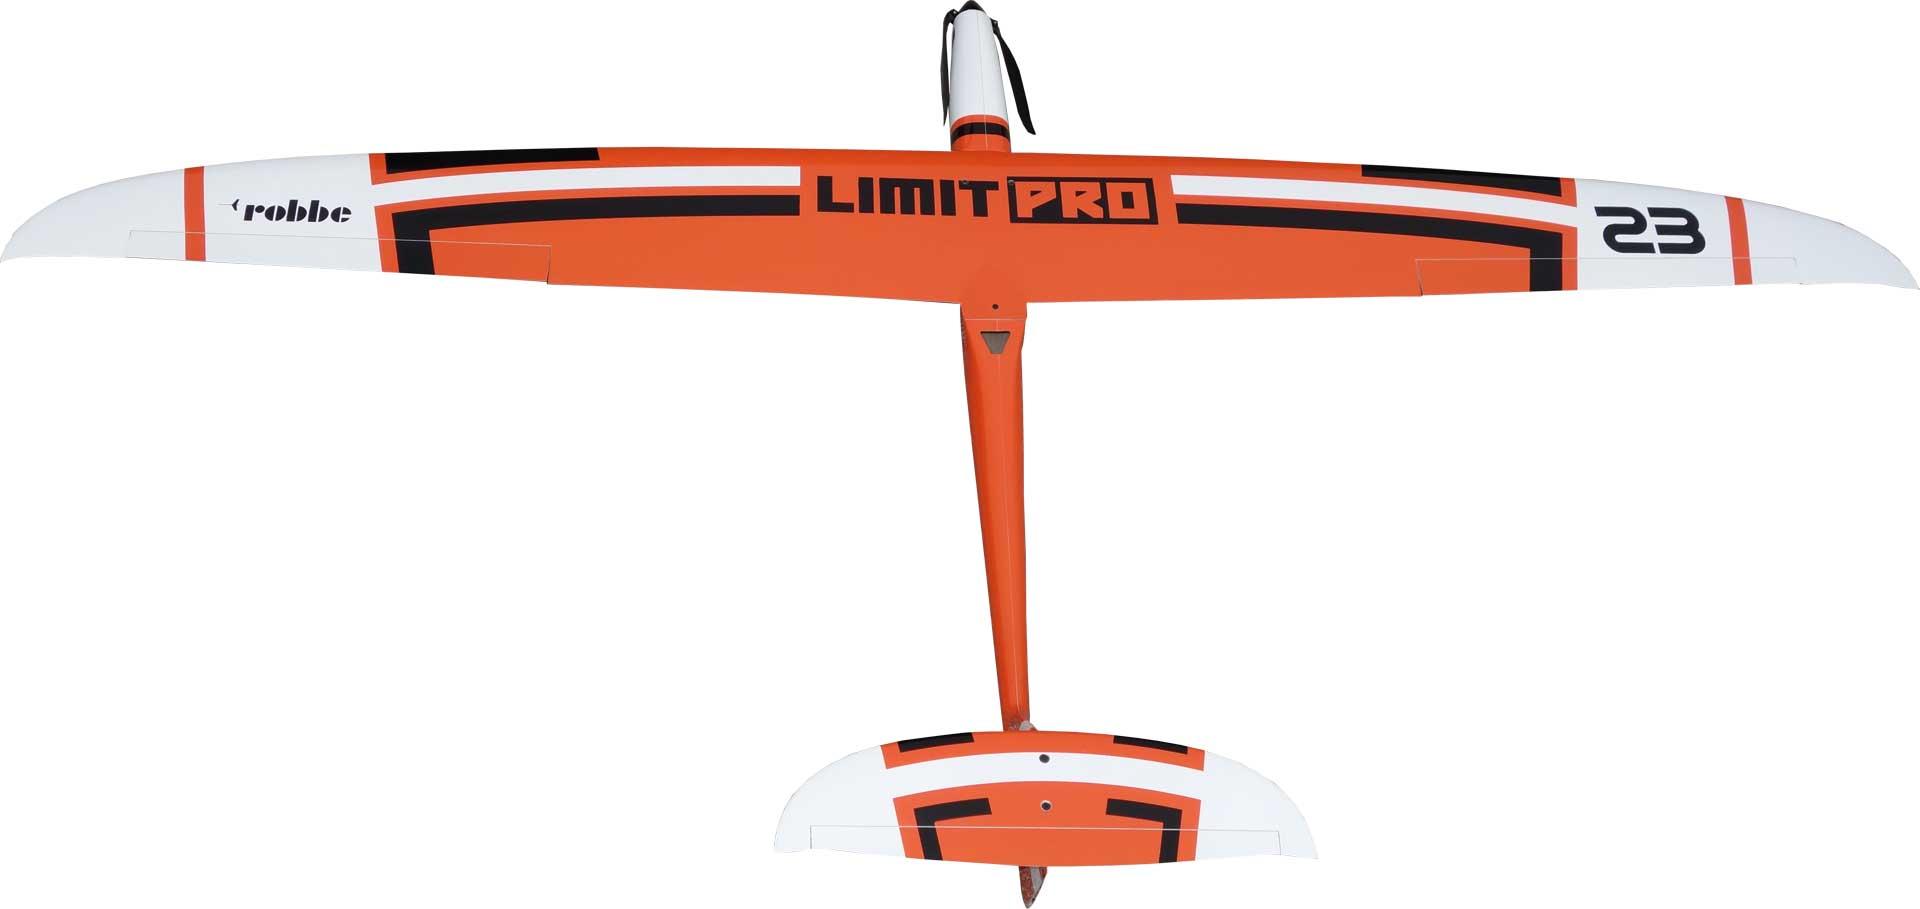 Robbe Modellsport Limit Pro PNP ORANGE mit eingebauten Servos und Antrieb, Voll-GfK/CfK